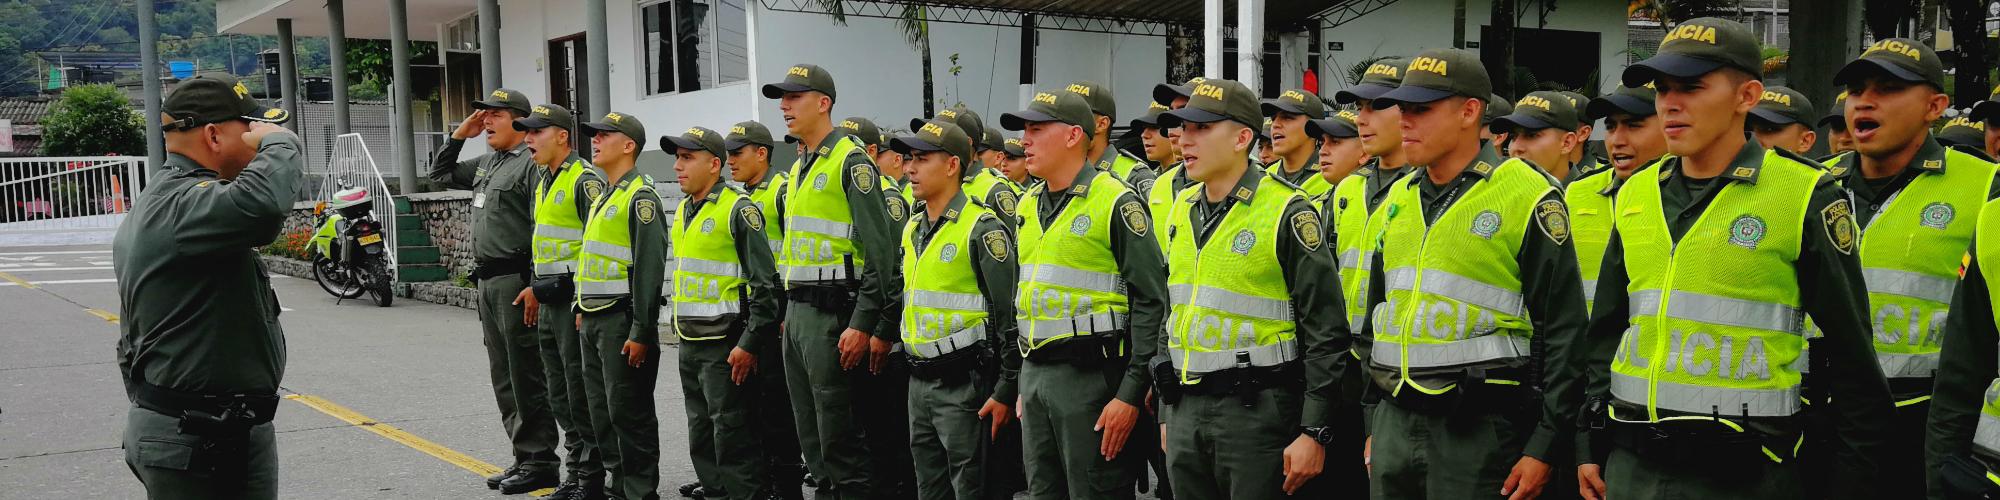 Departamento de polic a meta polic a nacional for Oficina policia nacional